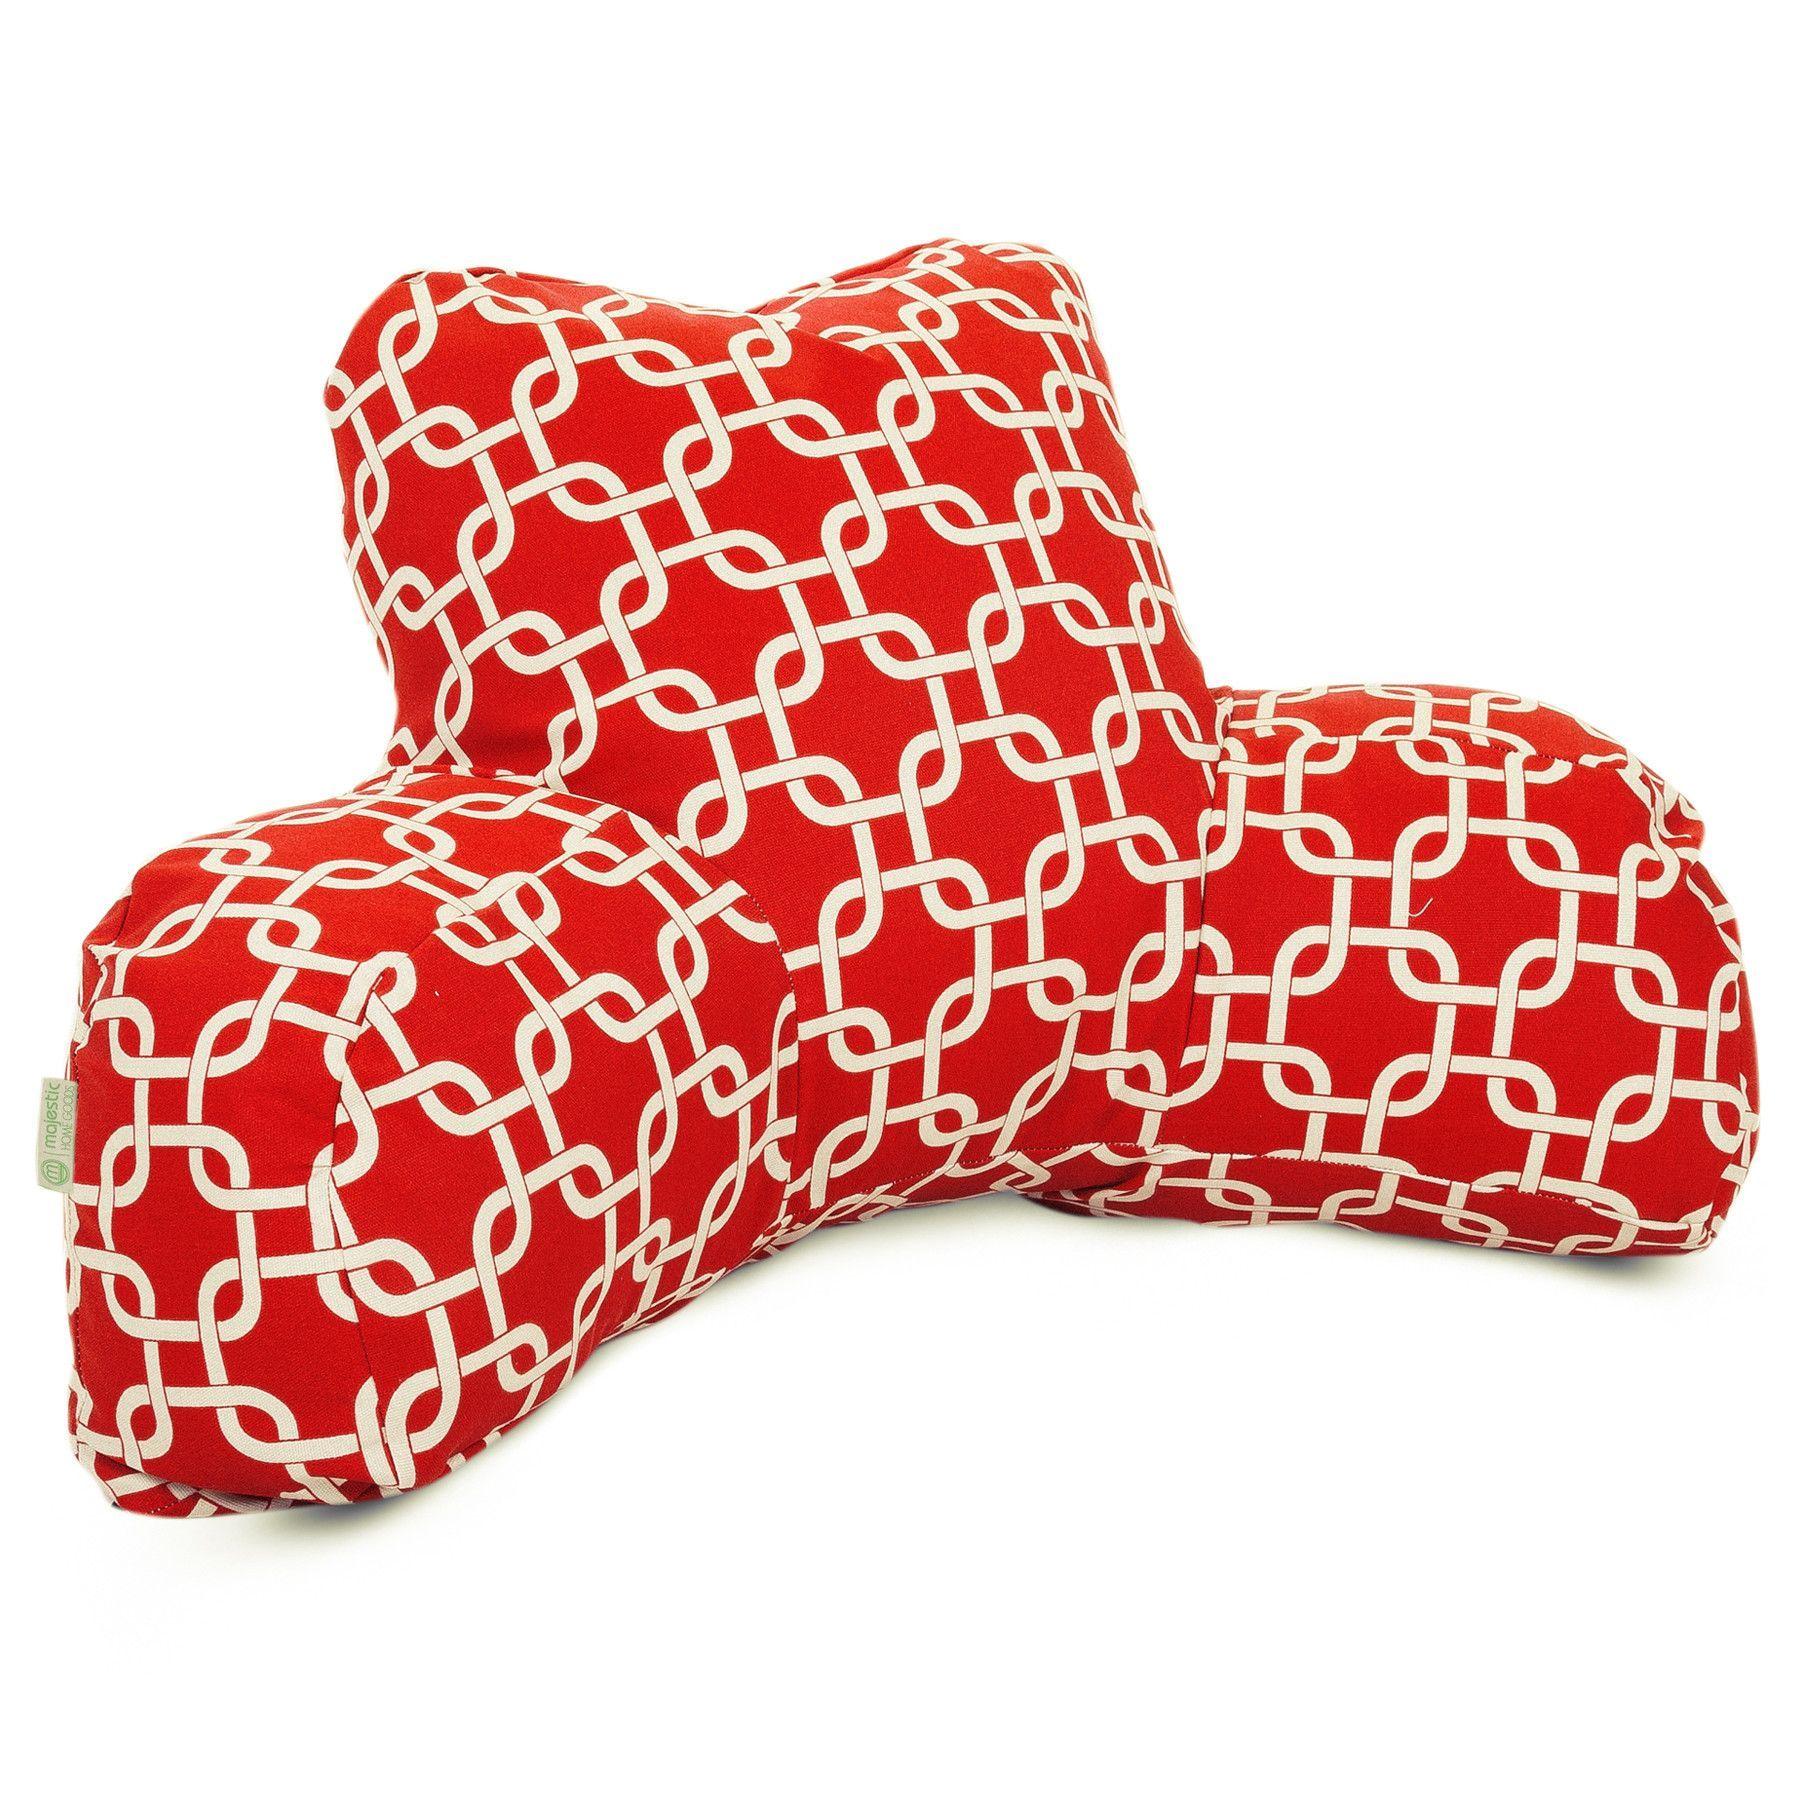 Danko Indoor/Outdoor Bed Rest Pillow